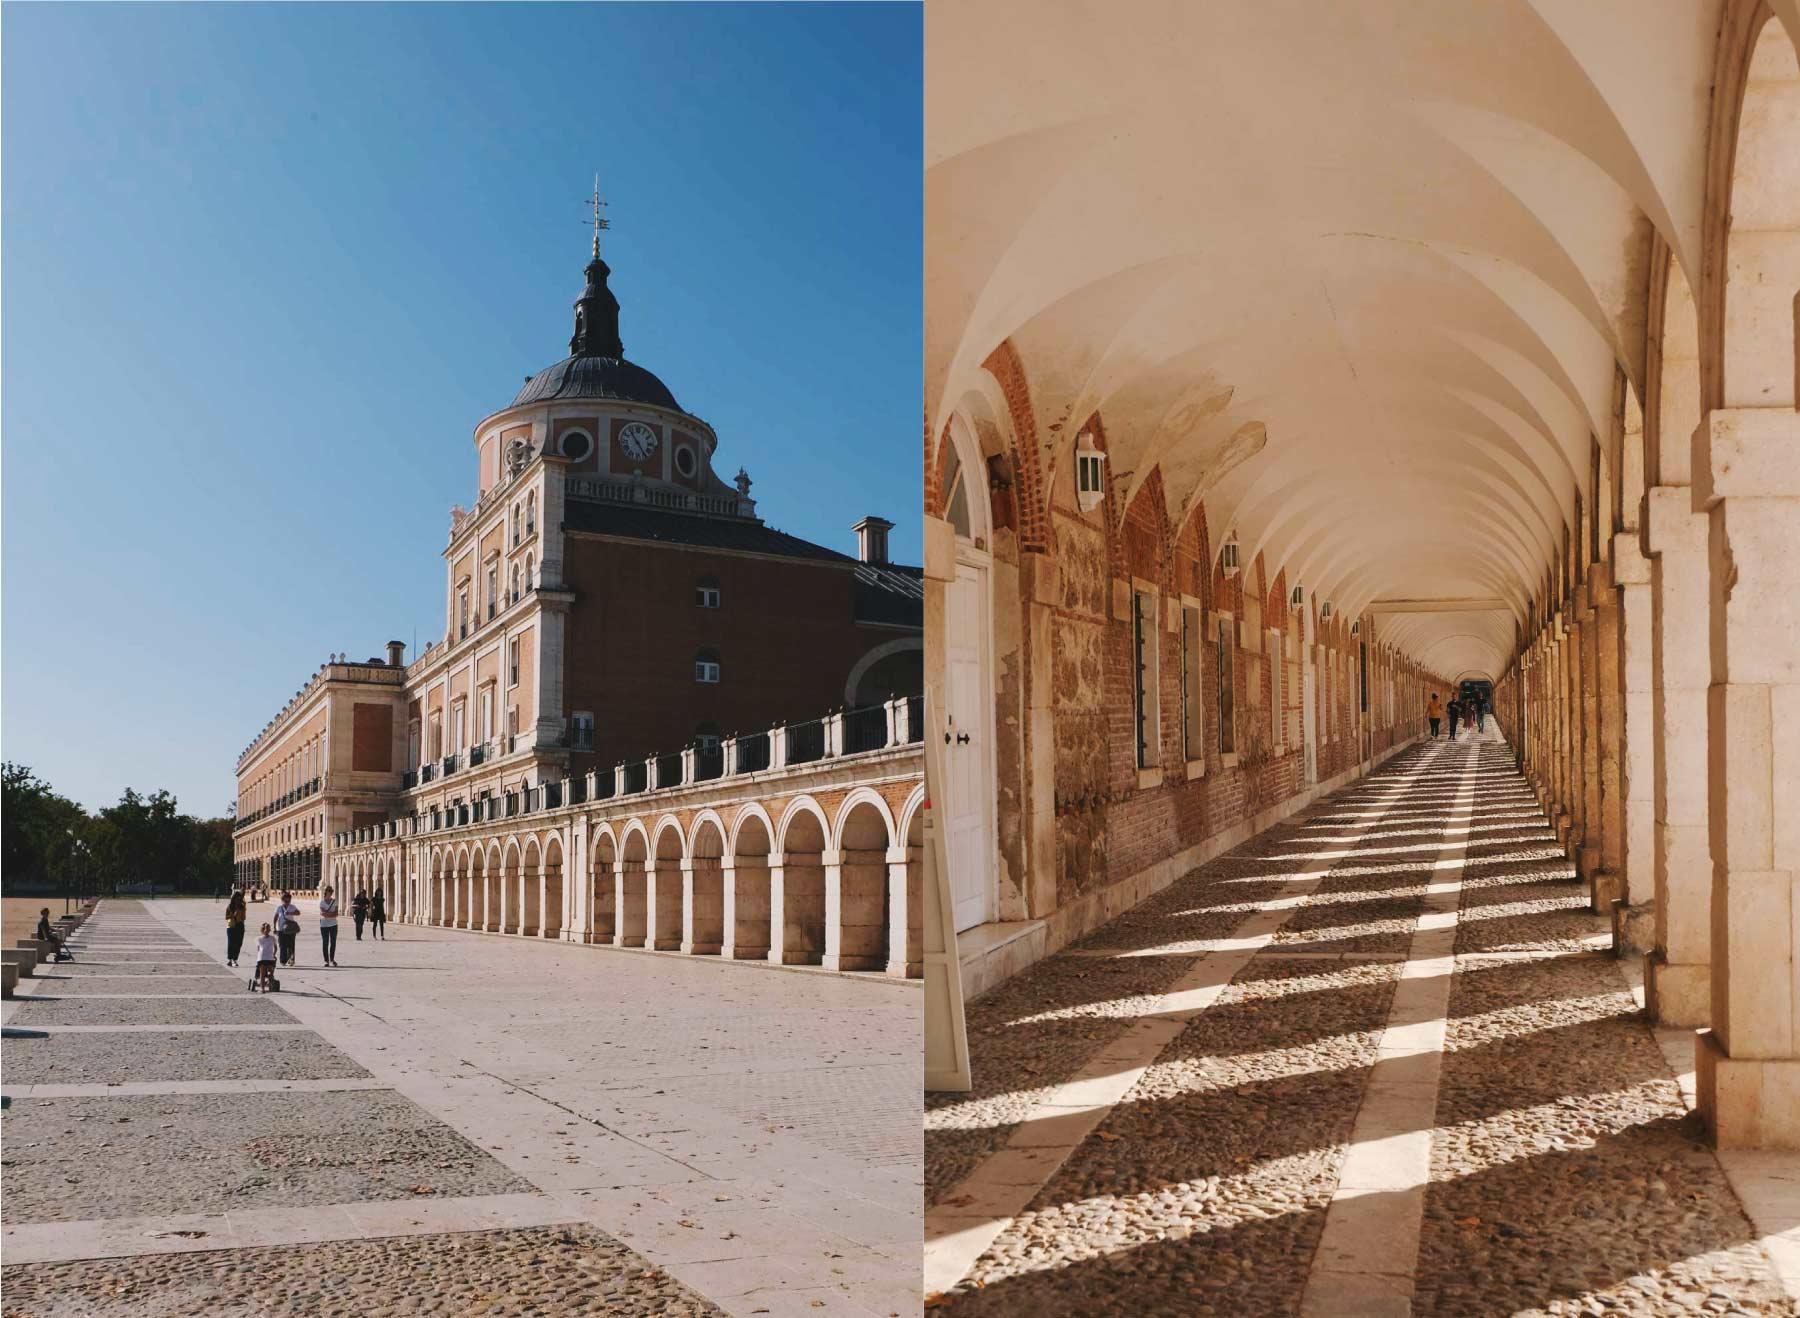 Palacio y pasillo junto al Palacio.